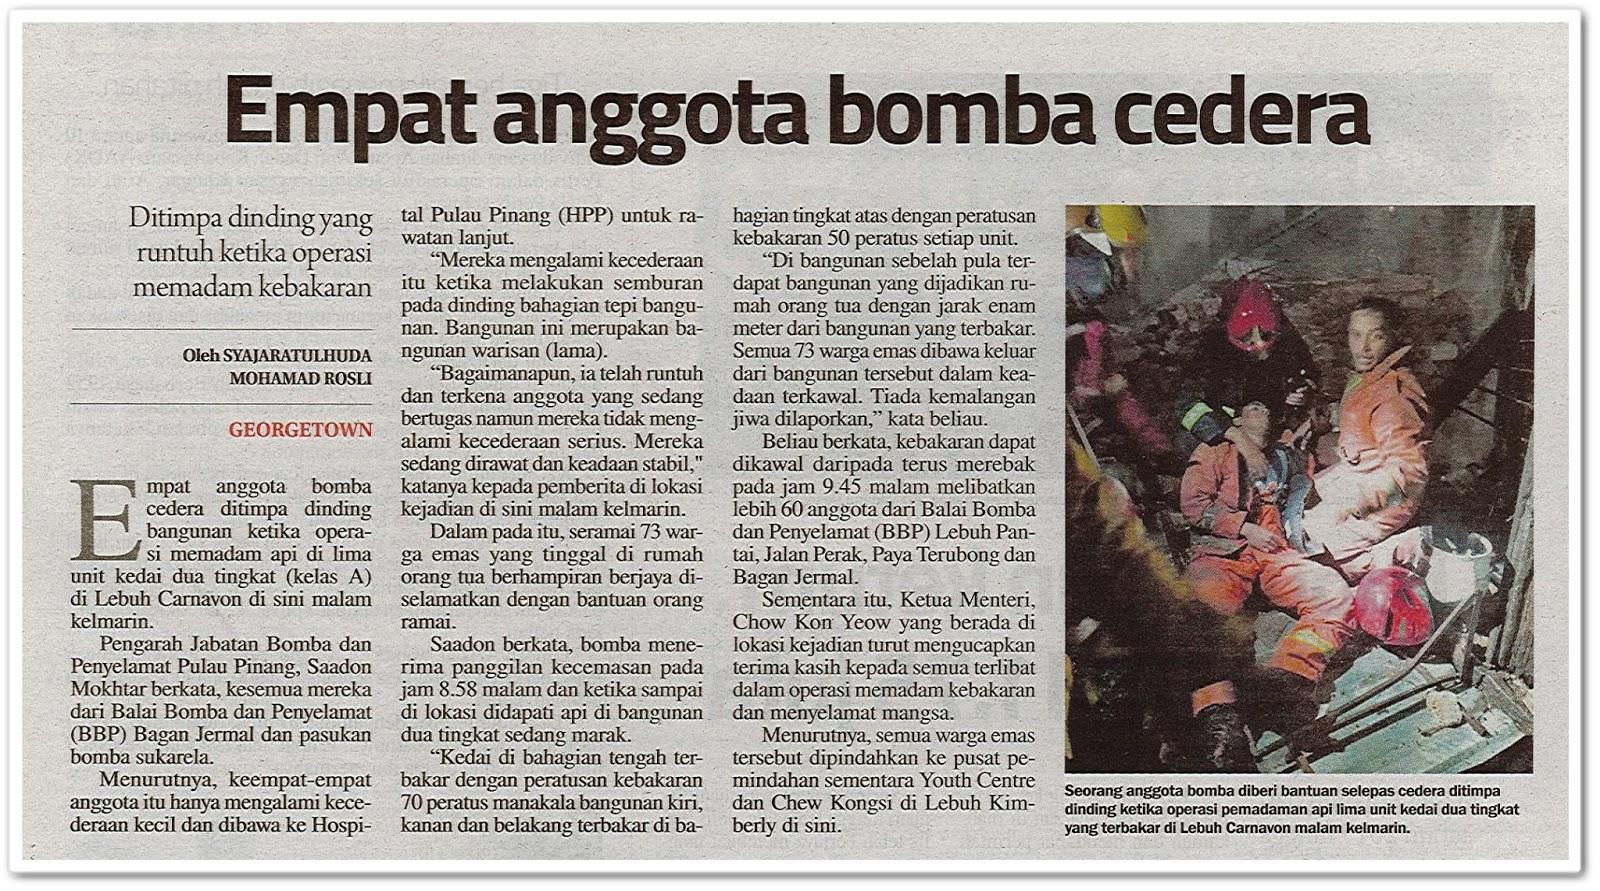 Empat anggota bomba cedera ; Ditimpa dinding yang runtuh ketika operasi memadam kebakaran - Keratan akhbar Sinar Harian 14 Februari 2020